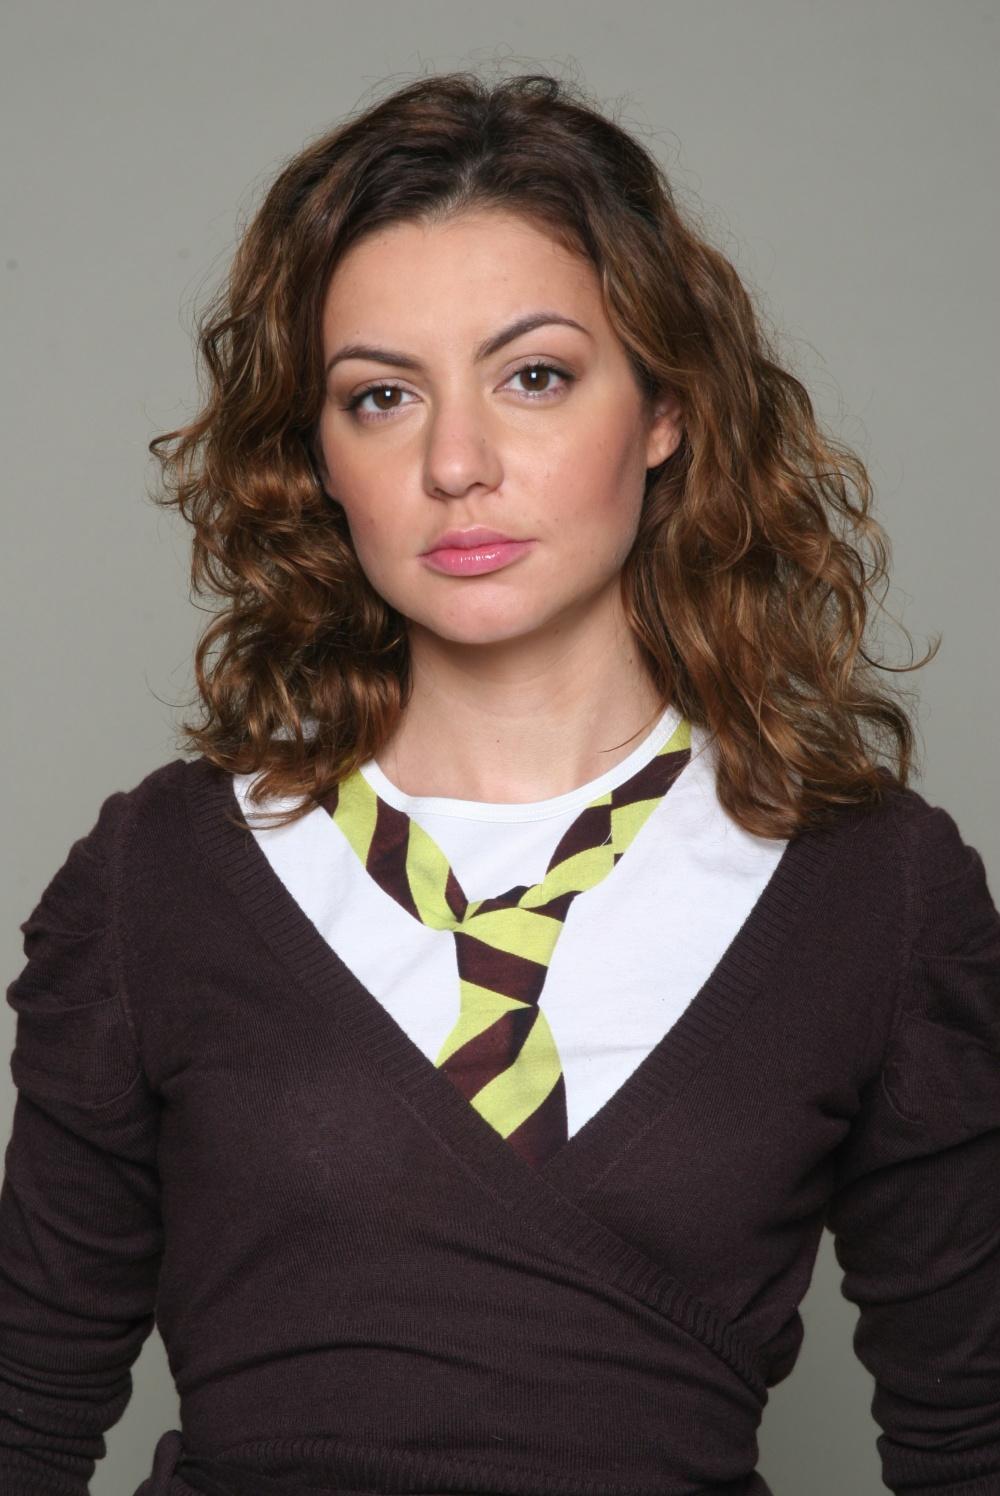 Таня геворкян фото